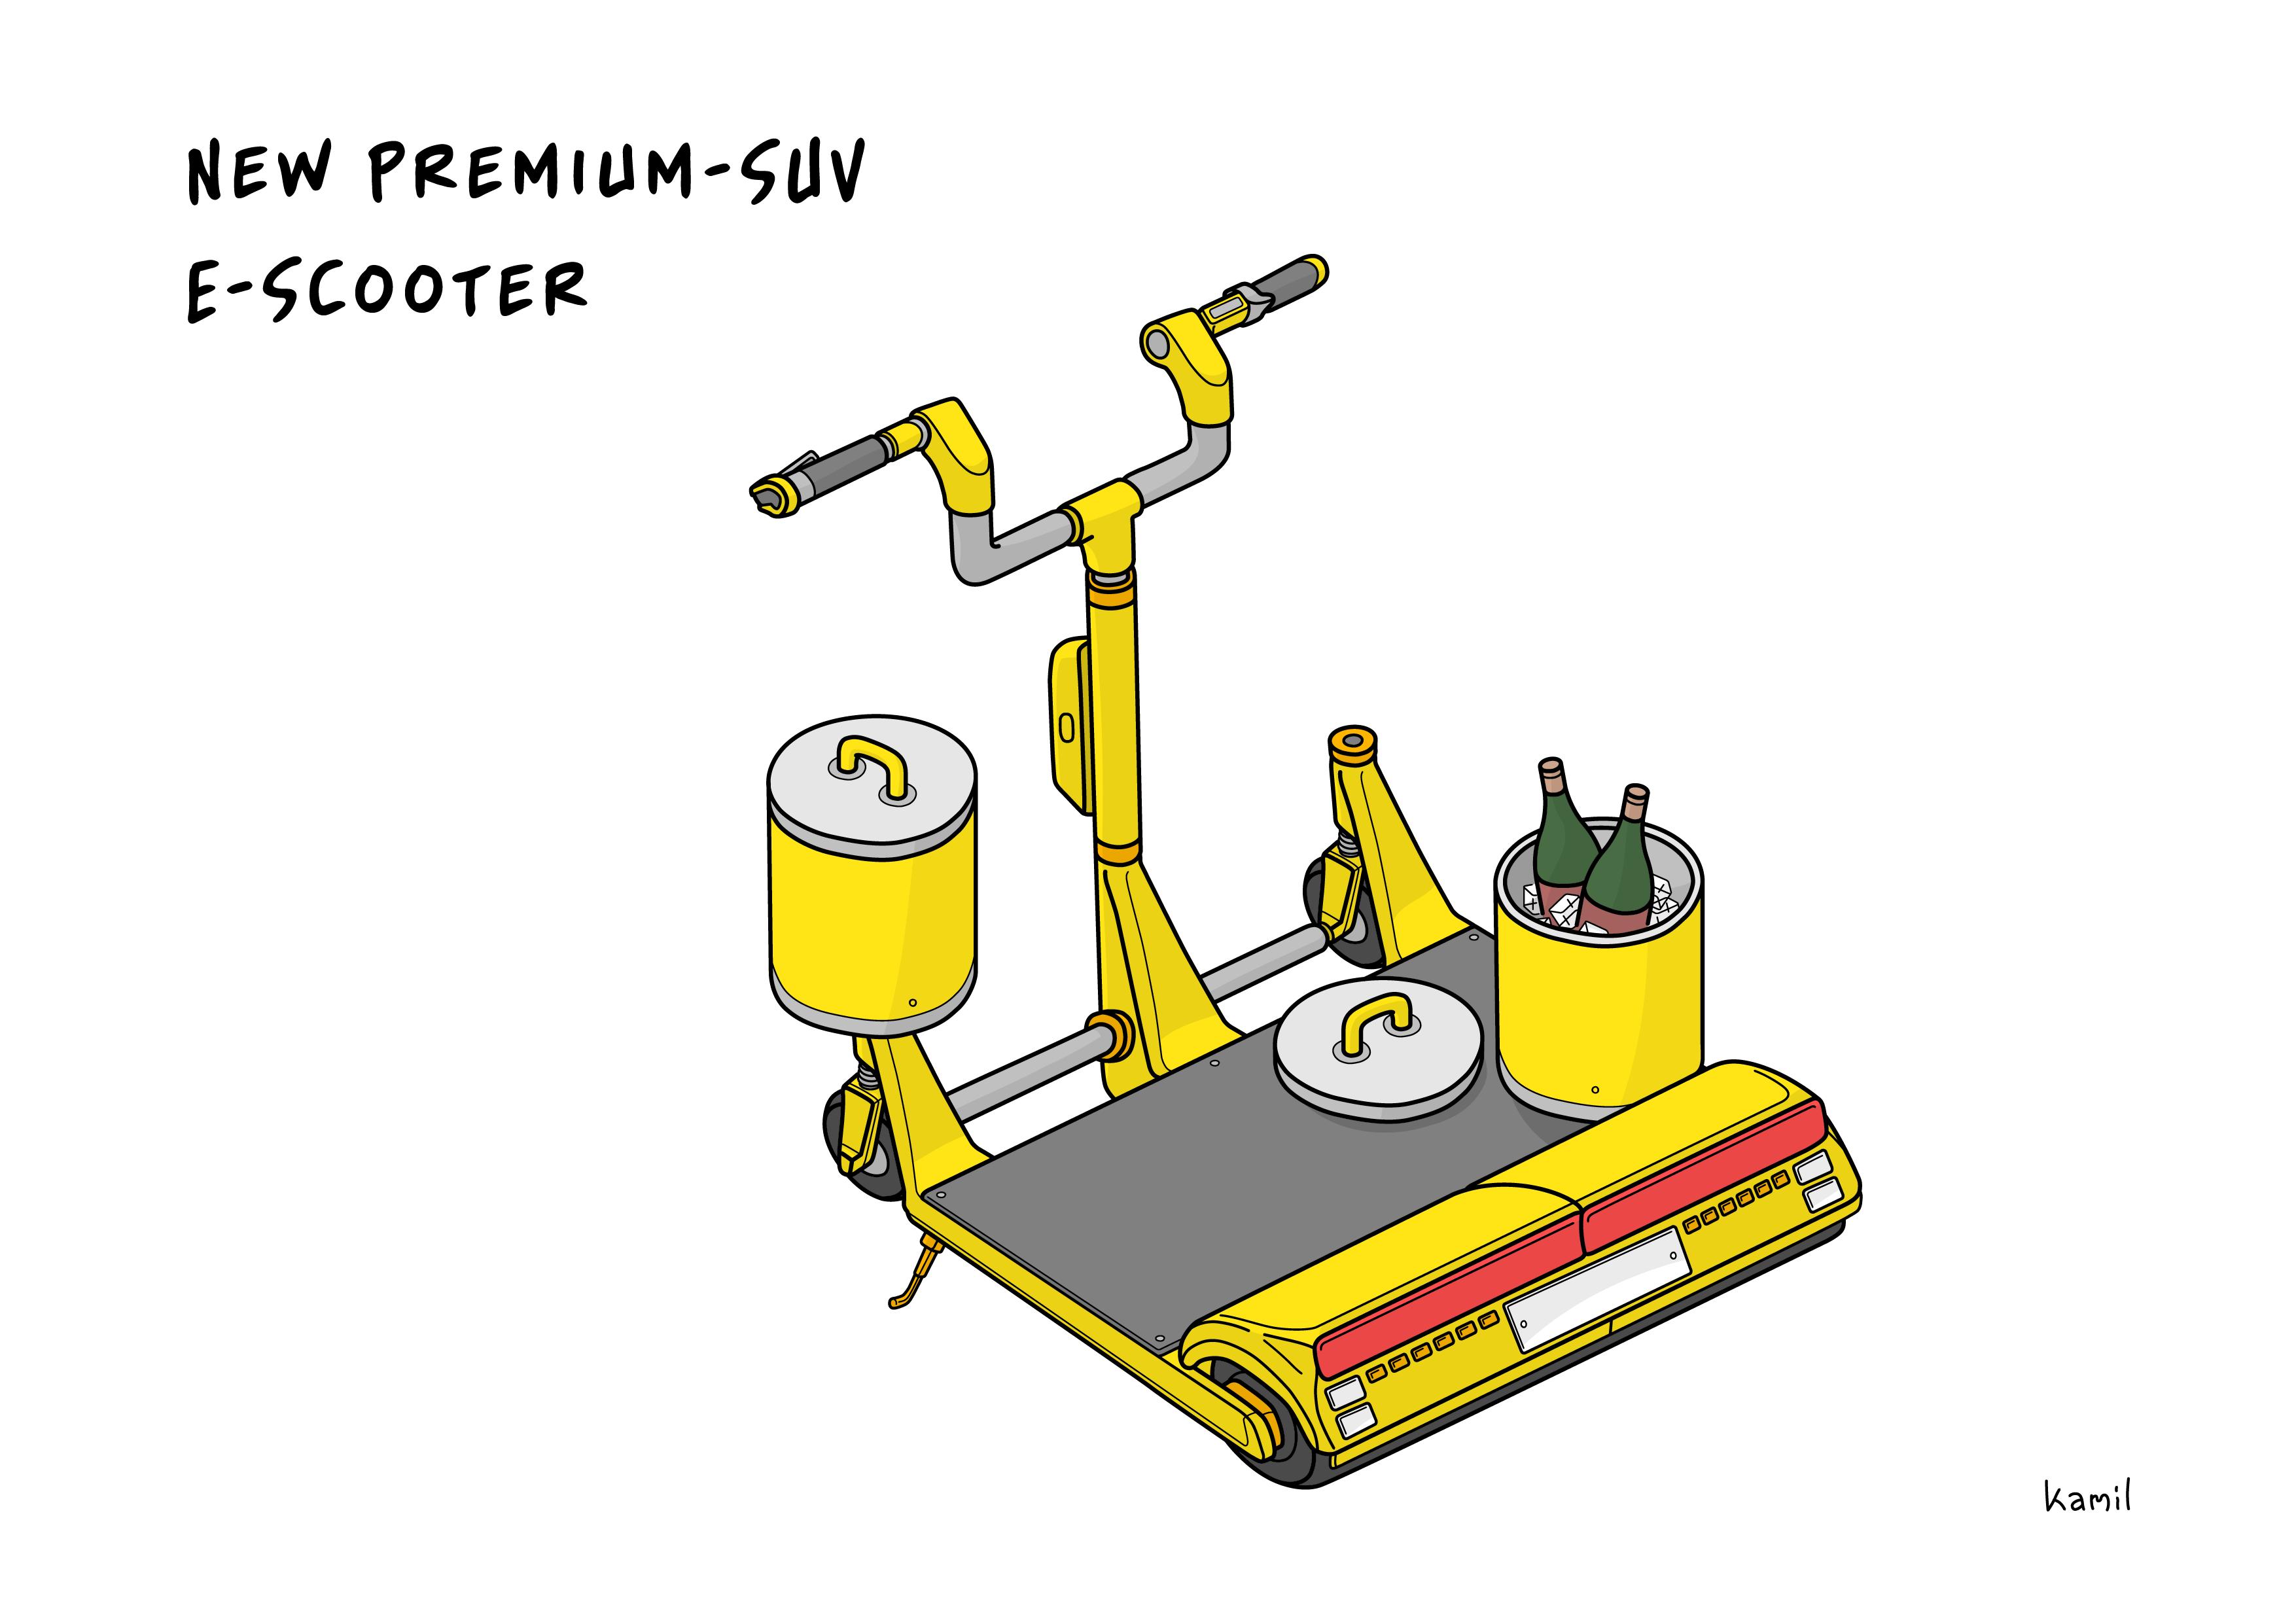 new premium-suv e-scooter